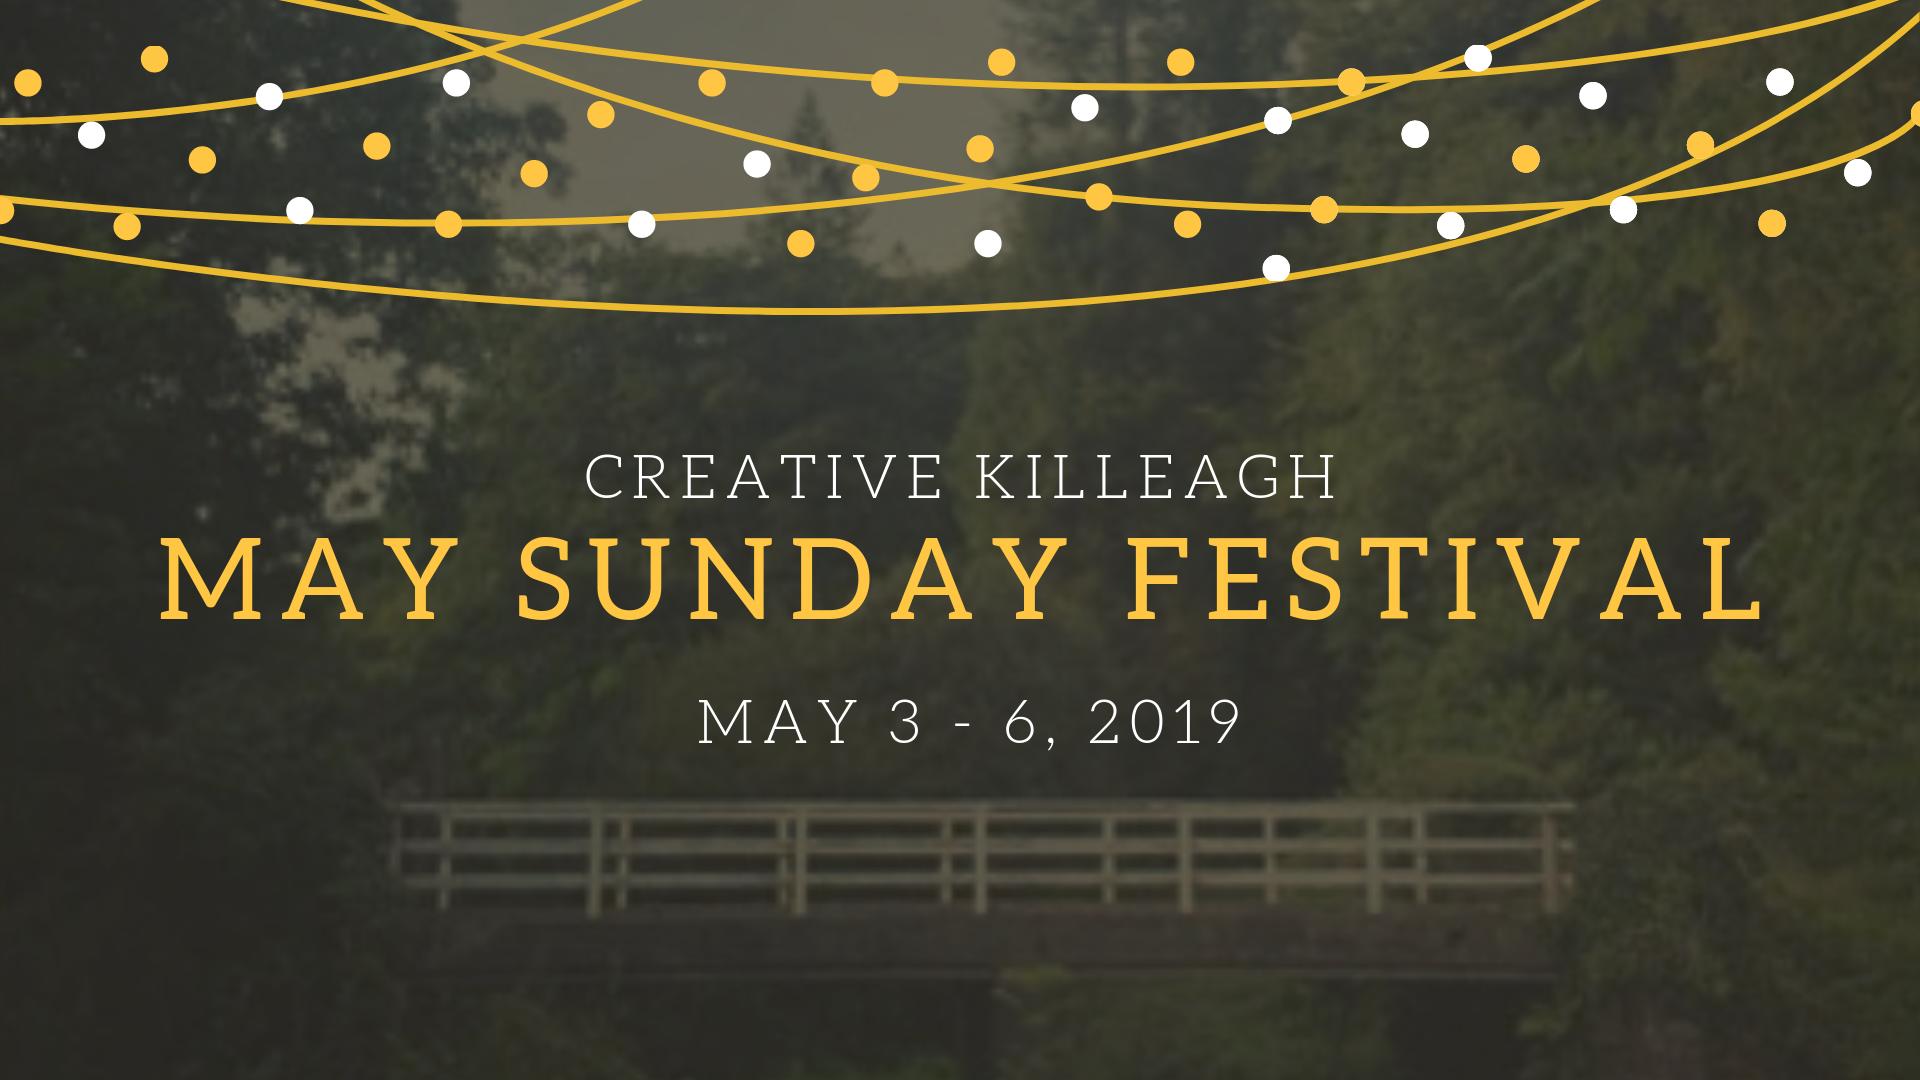 May Sunday Festival FB Invite